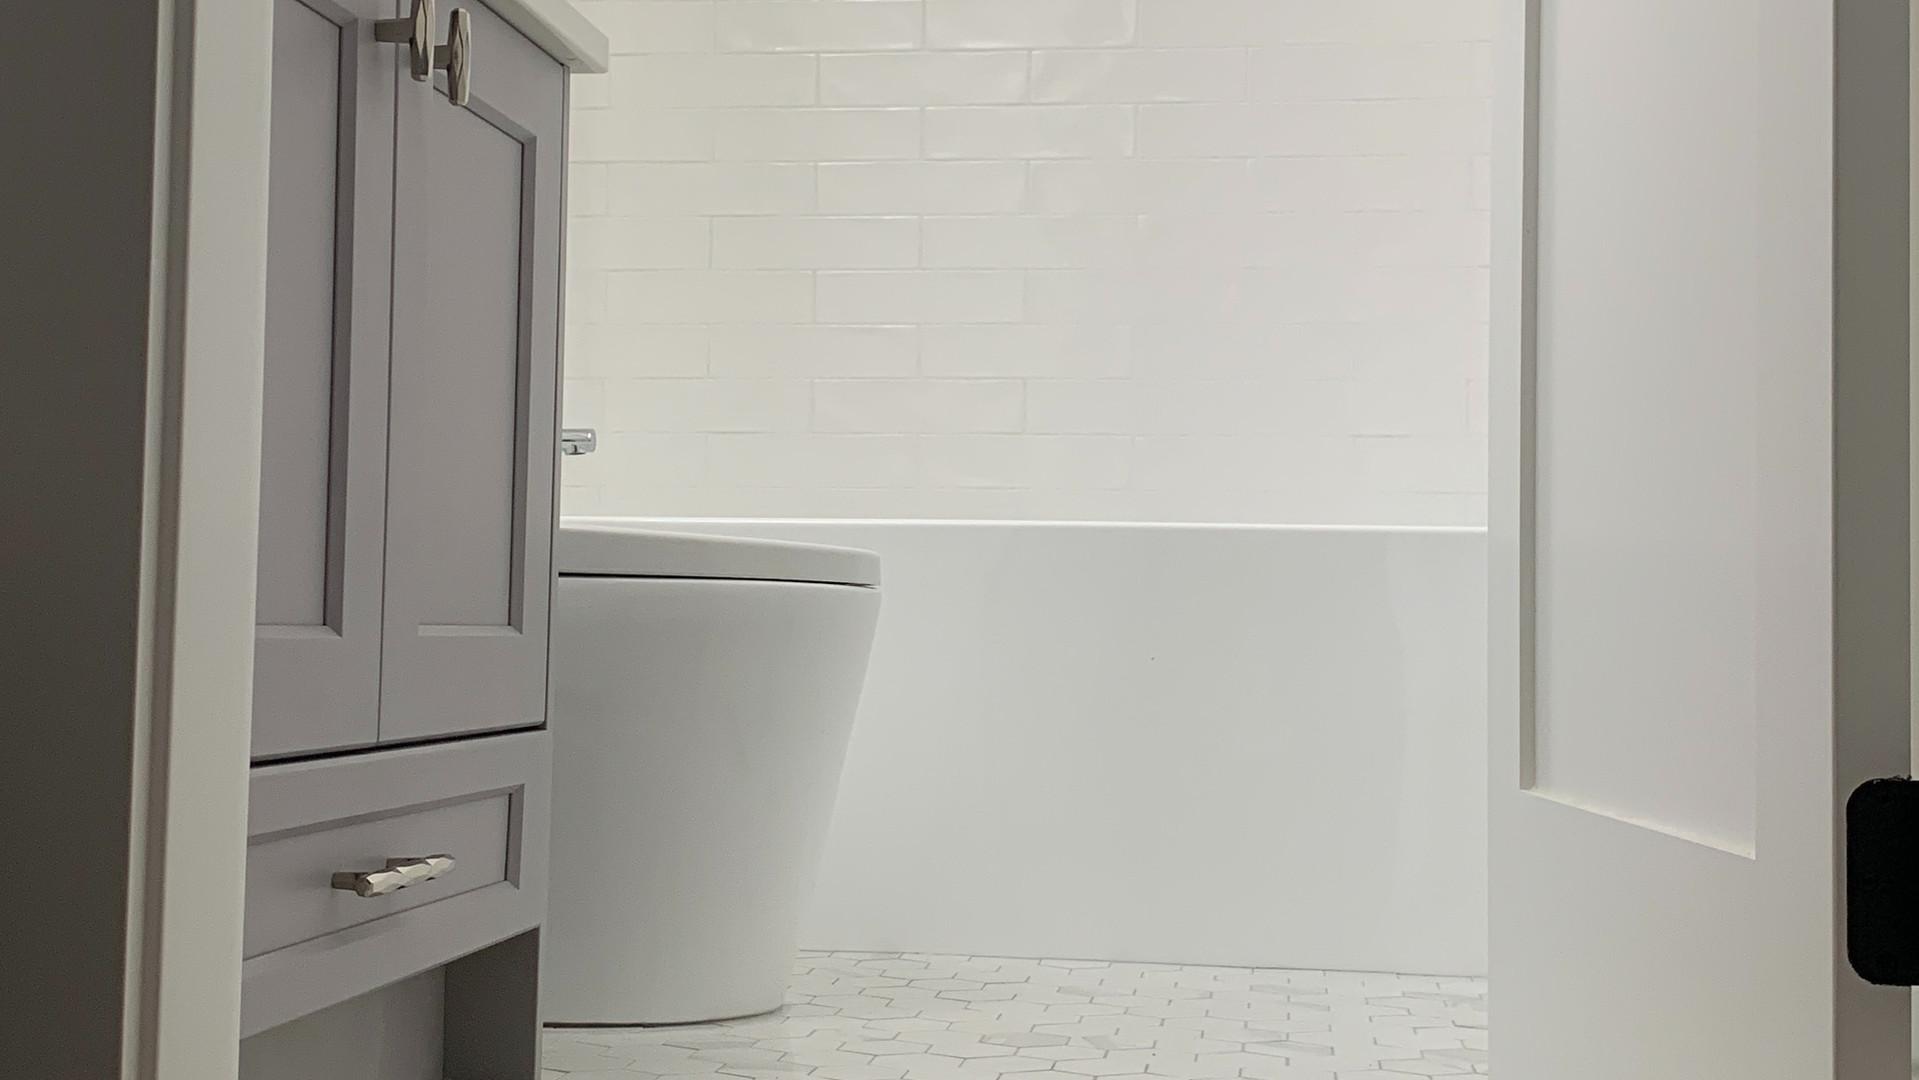 Bathroom 4 - Contemporary Craftsman